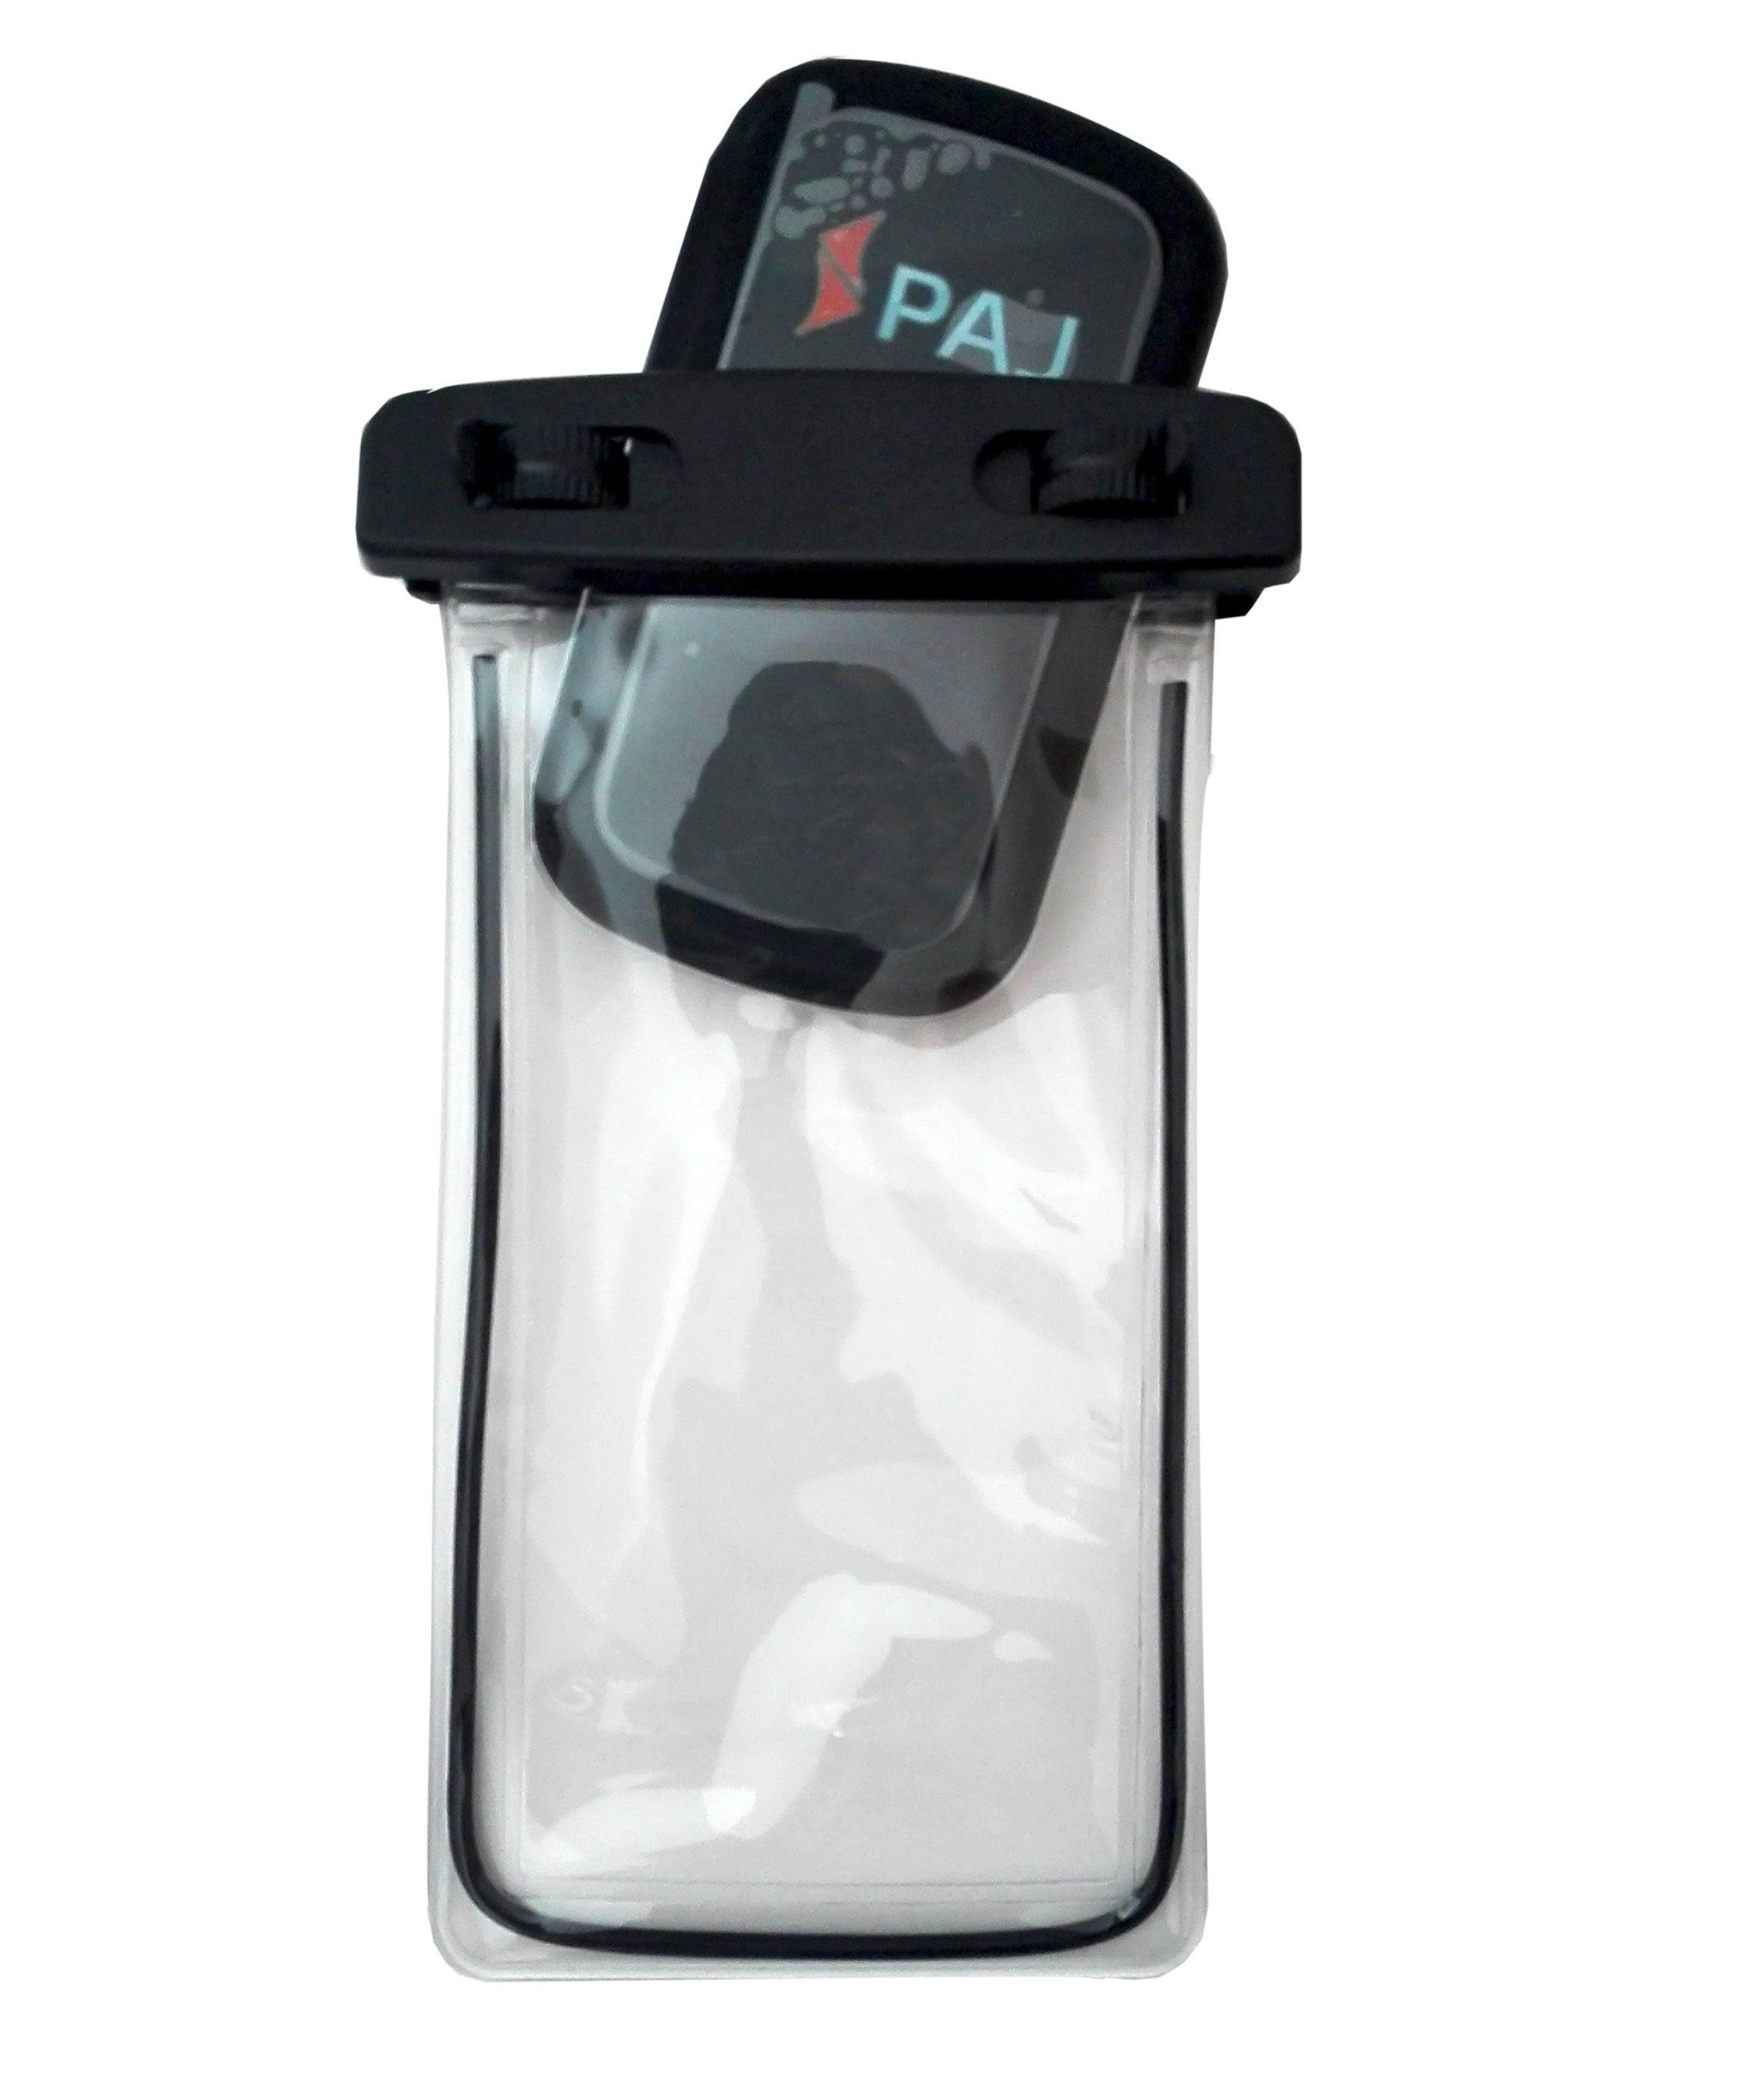 Schutztasche für ALLROUND Finder von PAJ schwarz